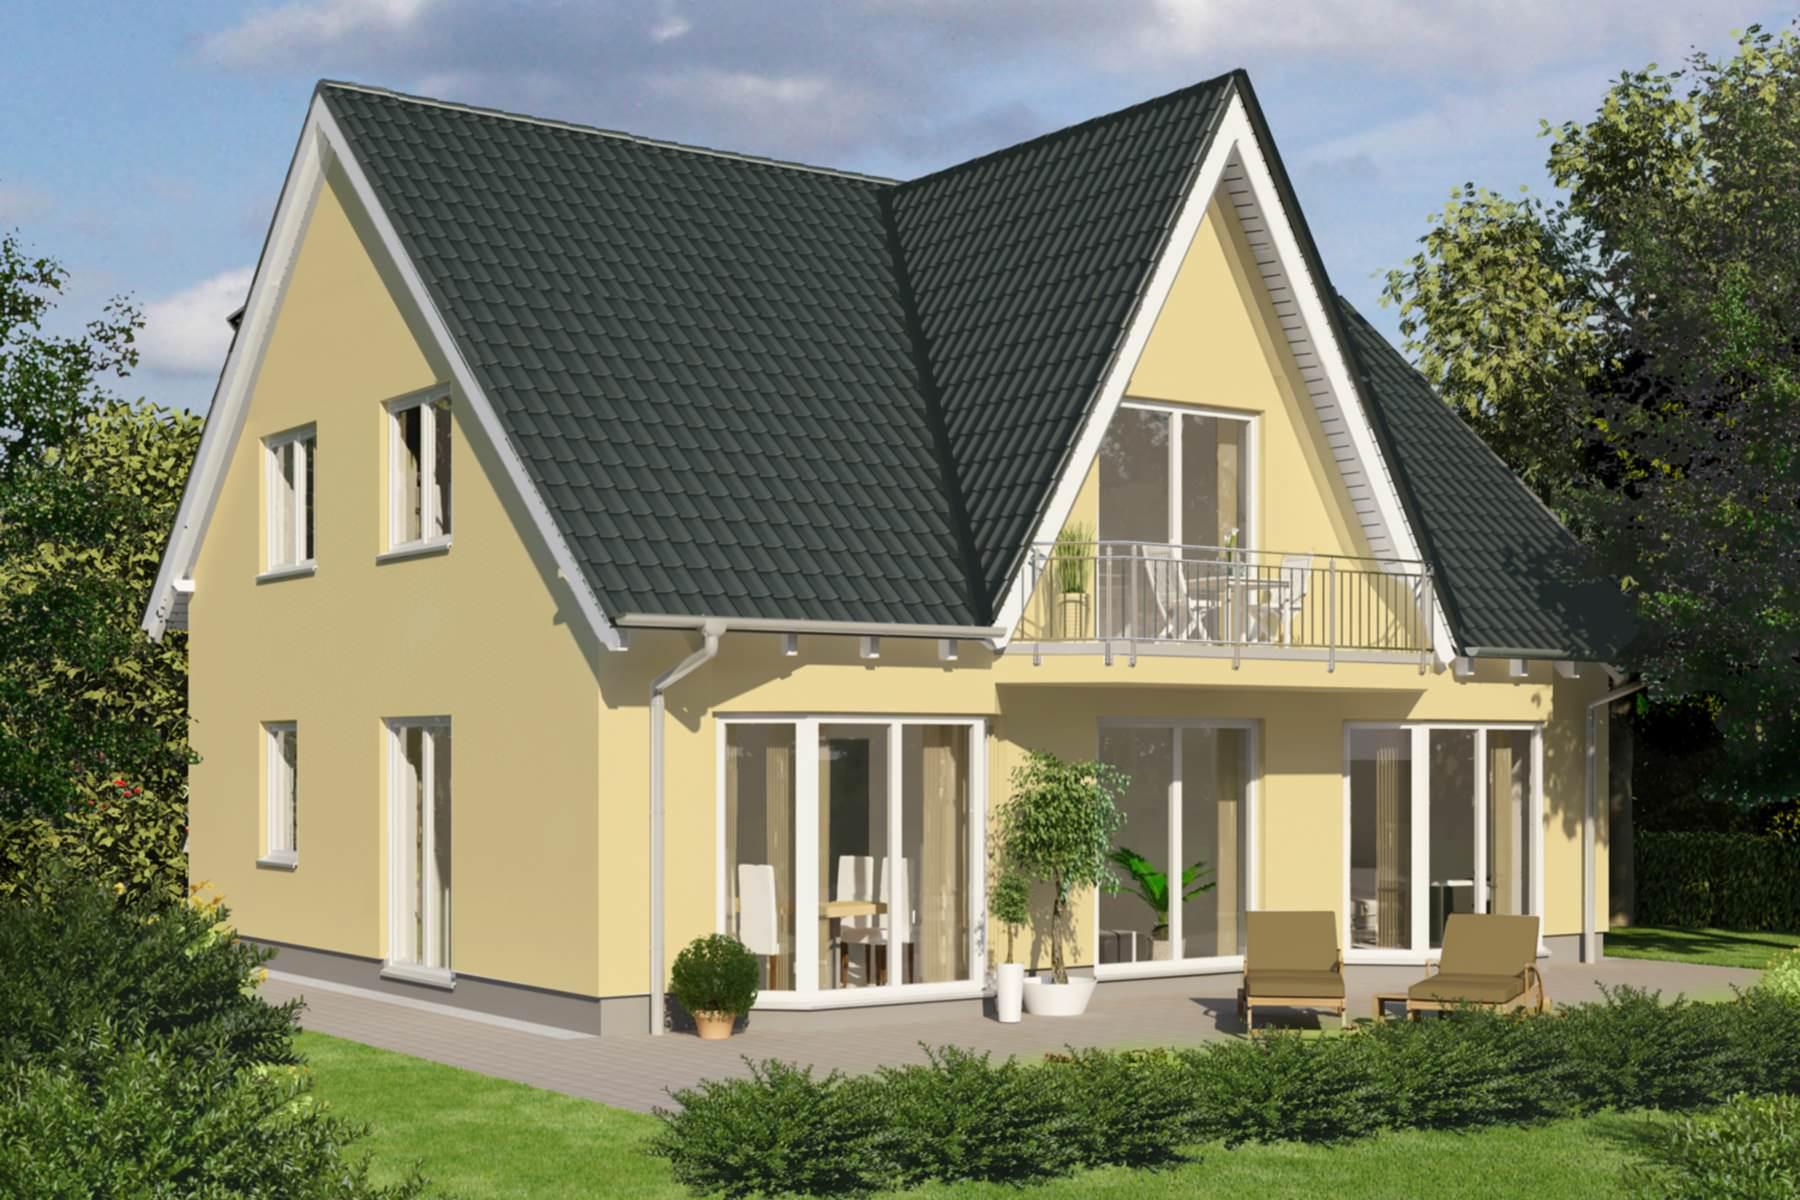 einfamilienhaus efh massivhaus typ mannheim. Black Bedroom Furniture Sets. Home Design Ideas